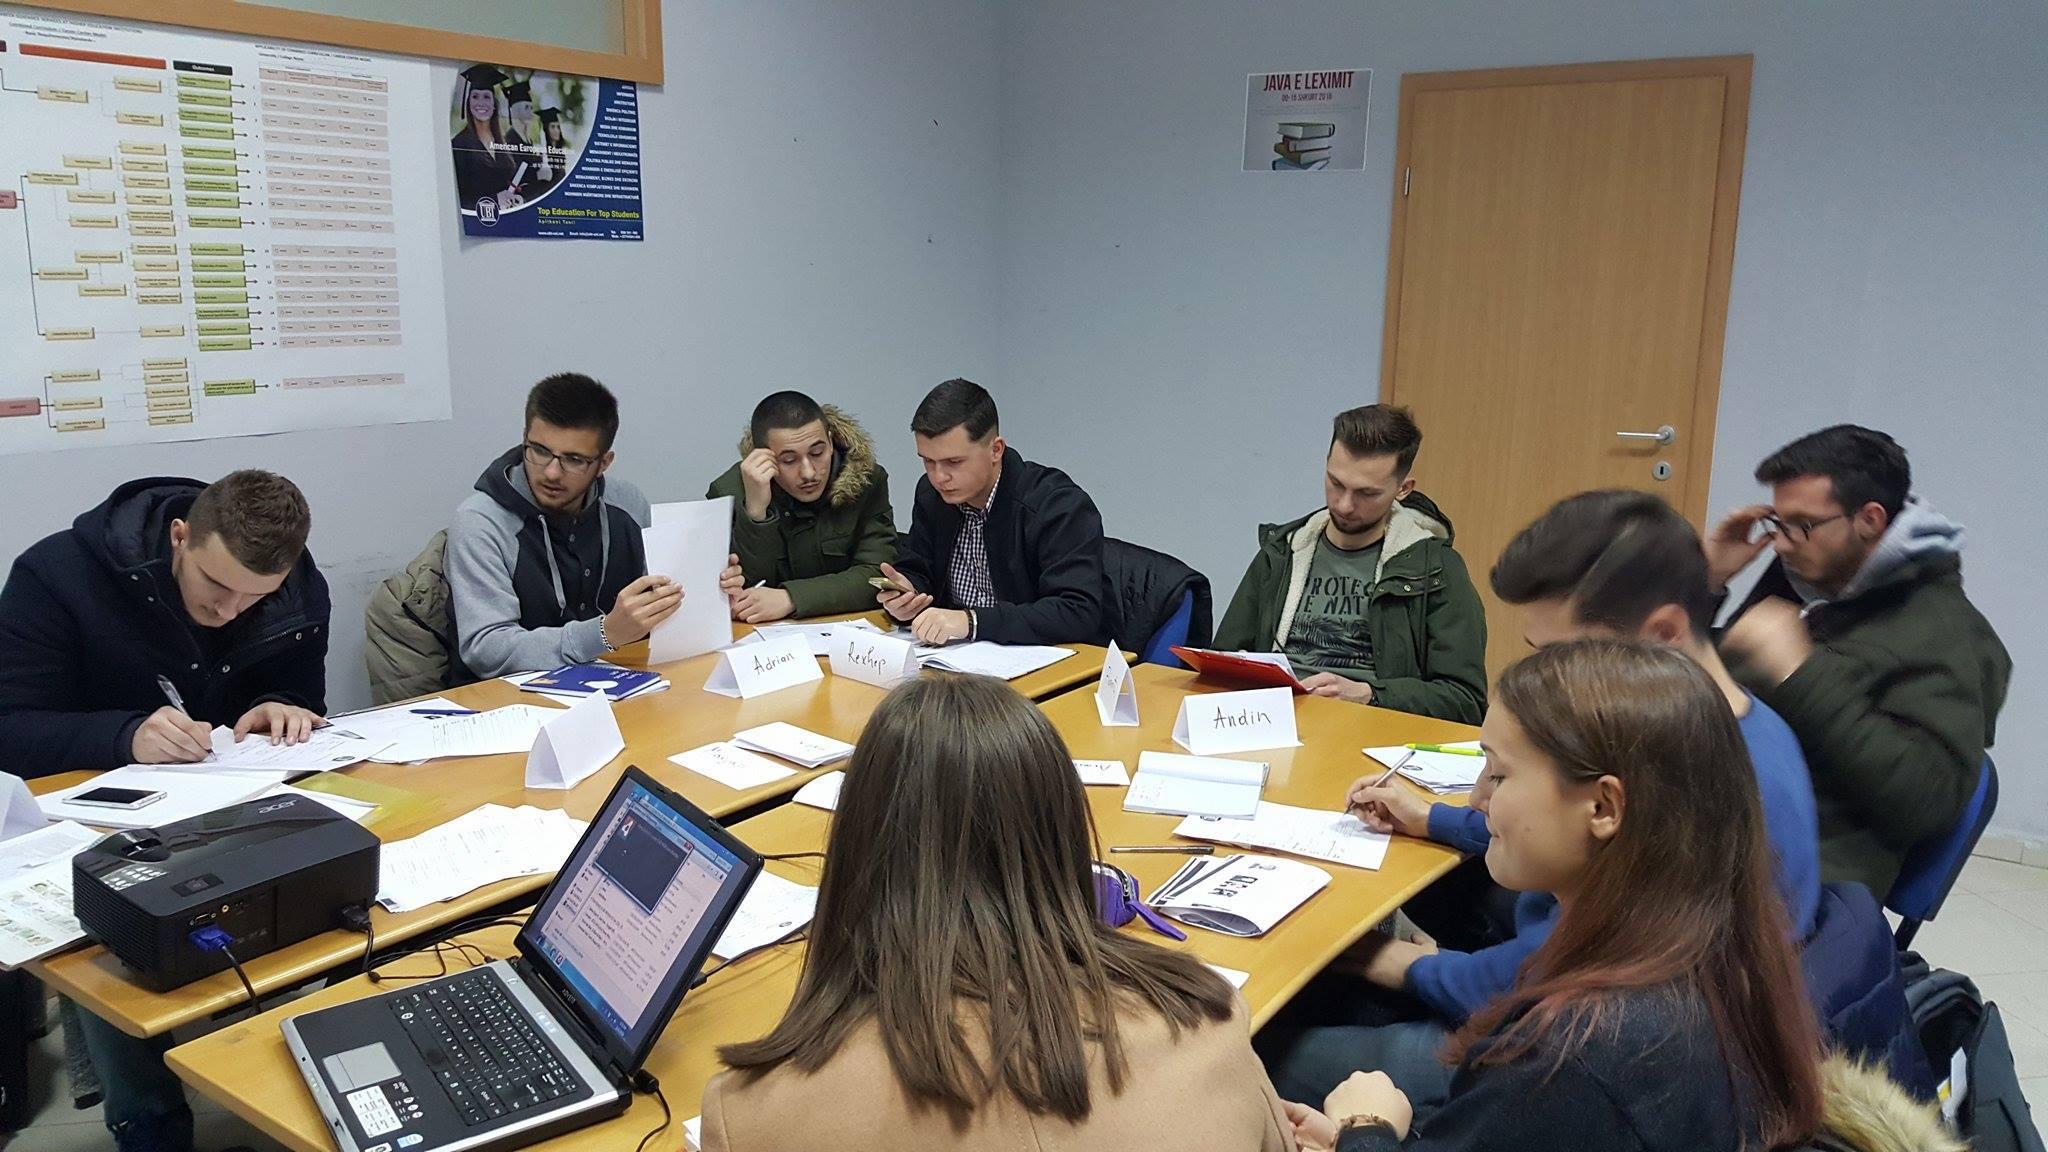 UBT ofron mundësi për përvetësim të gjuhës angleze dhe certifikim të njohur ndërkombëtarisht